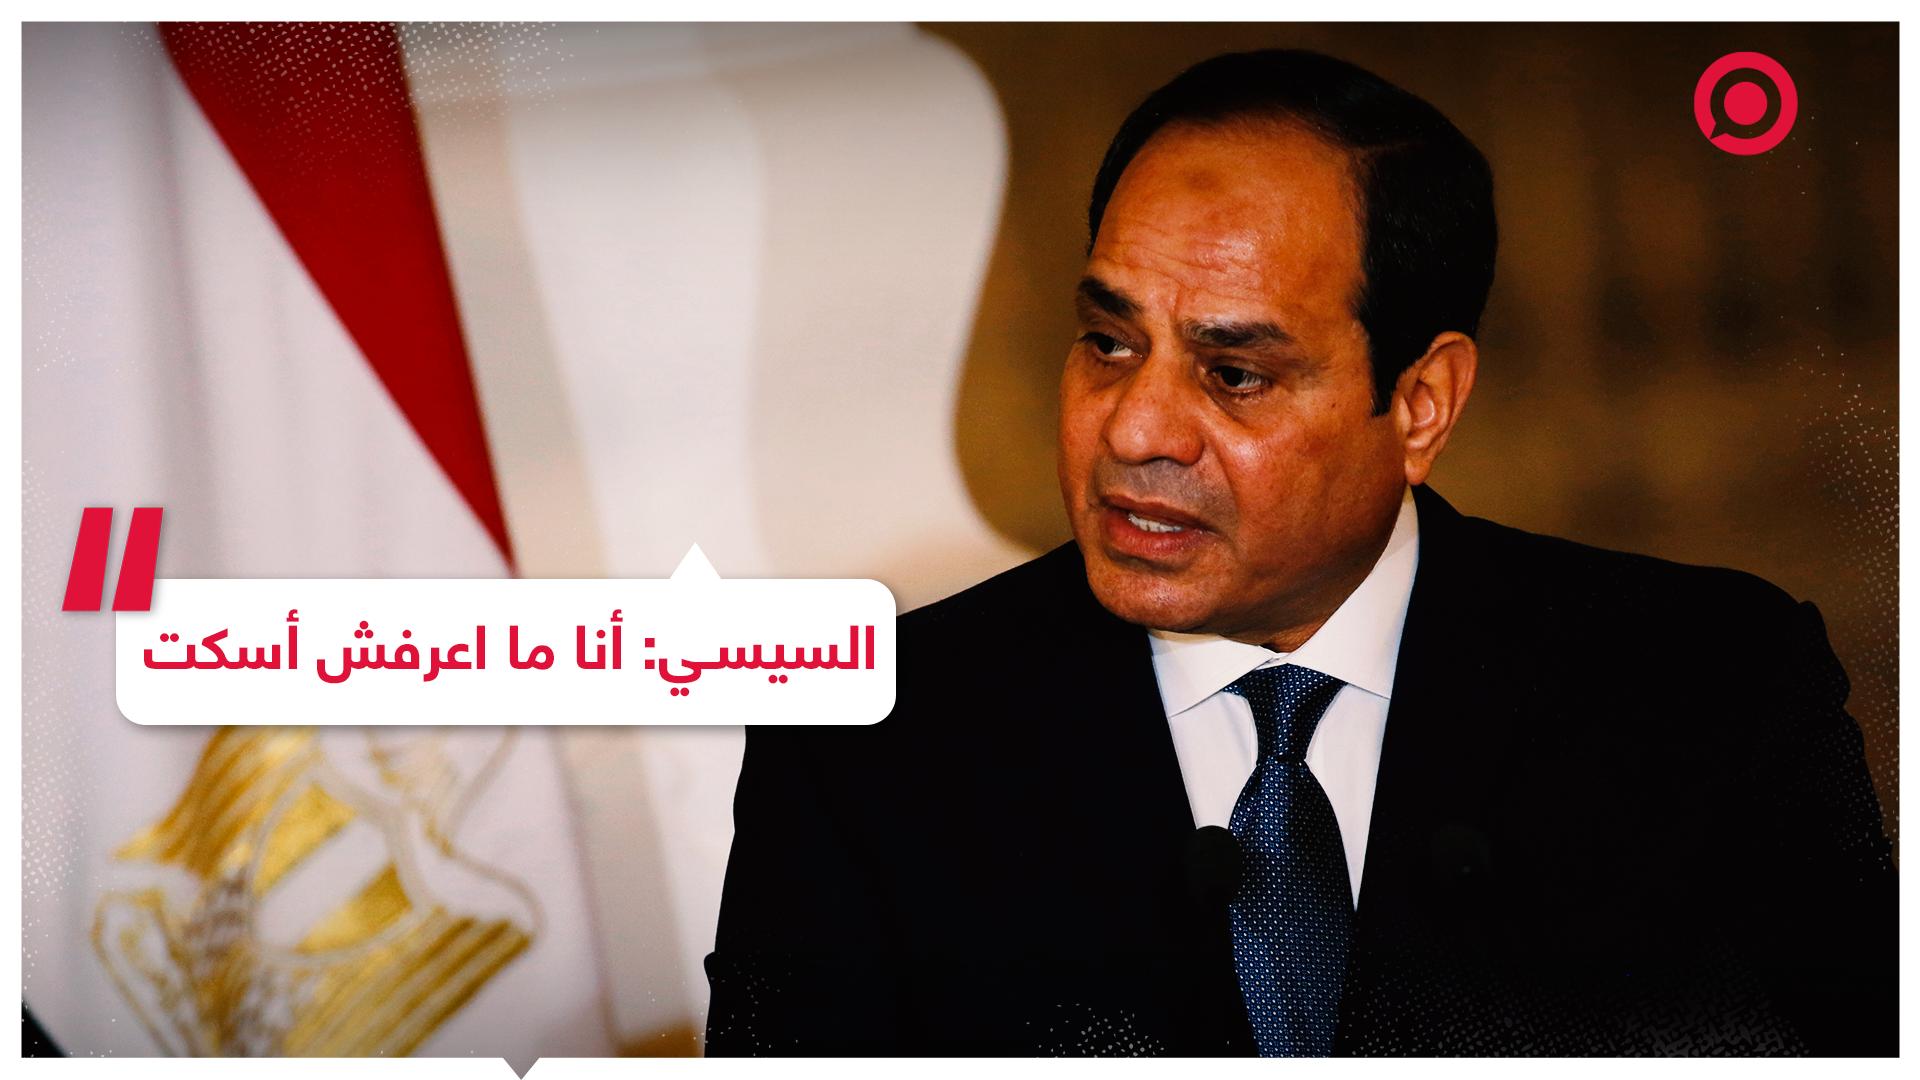 السيسي يستنكر مظهرا رآه في شوارع مصر